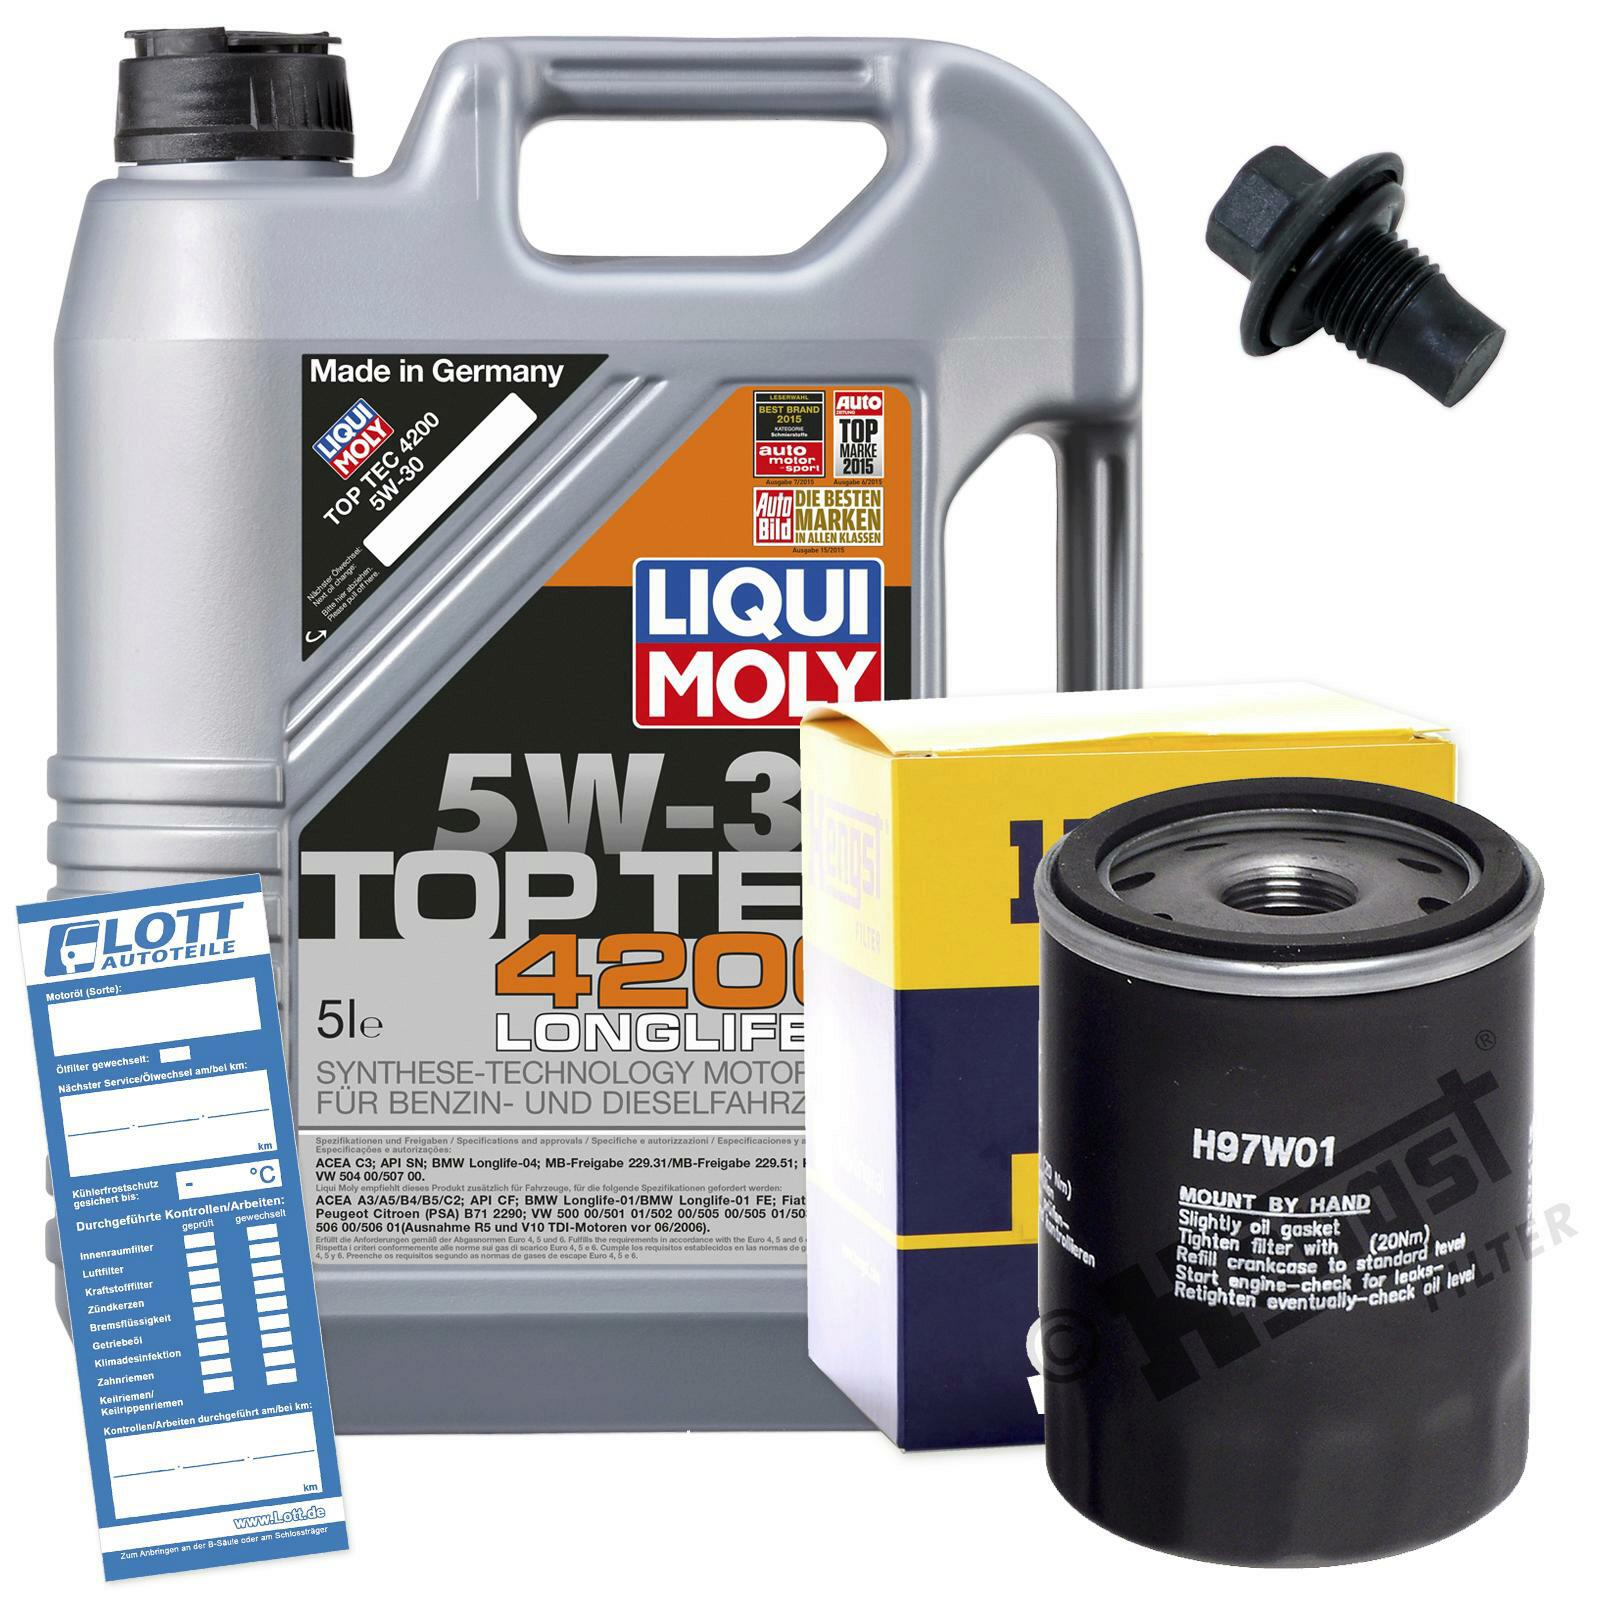 Ölwechsel Set 5L Liqui Moly Motoröl + Hengst Ölfilter + Ablassschraube